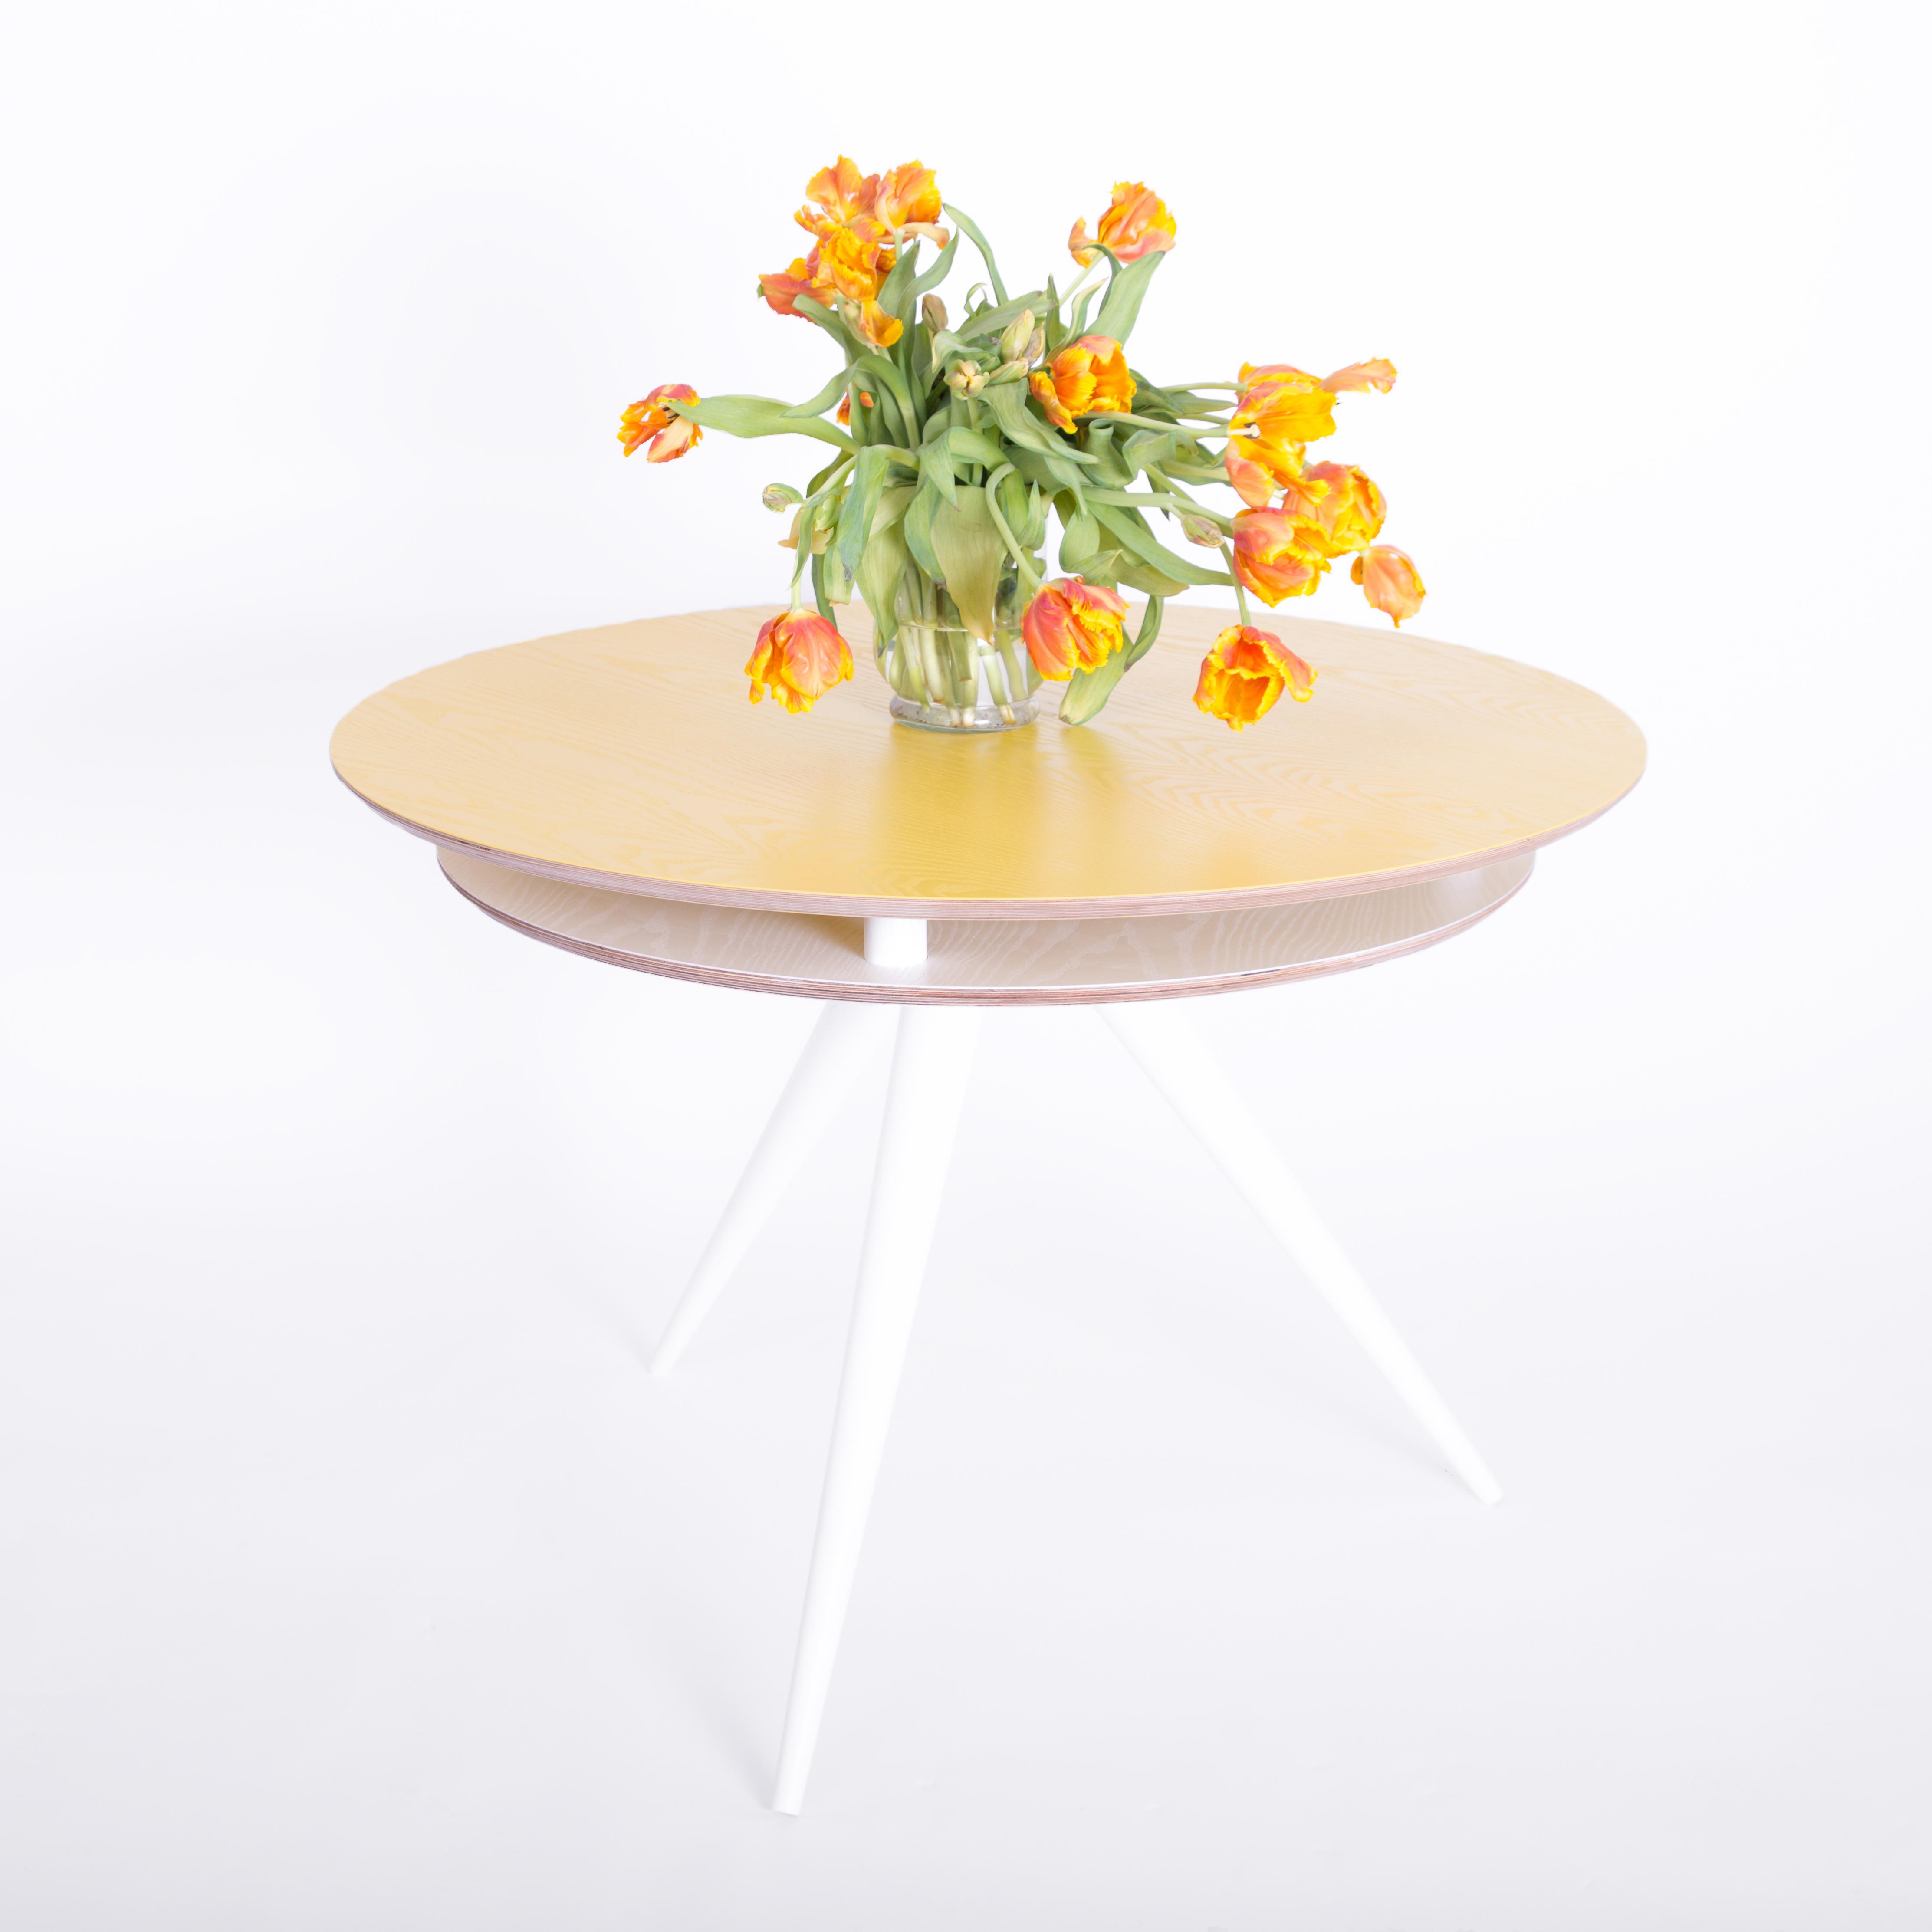 Masa Triad White/Yellow, Ø105xh75 cm